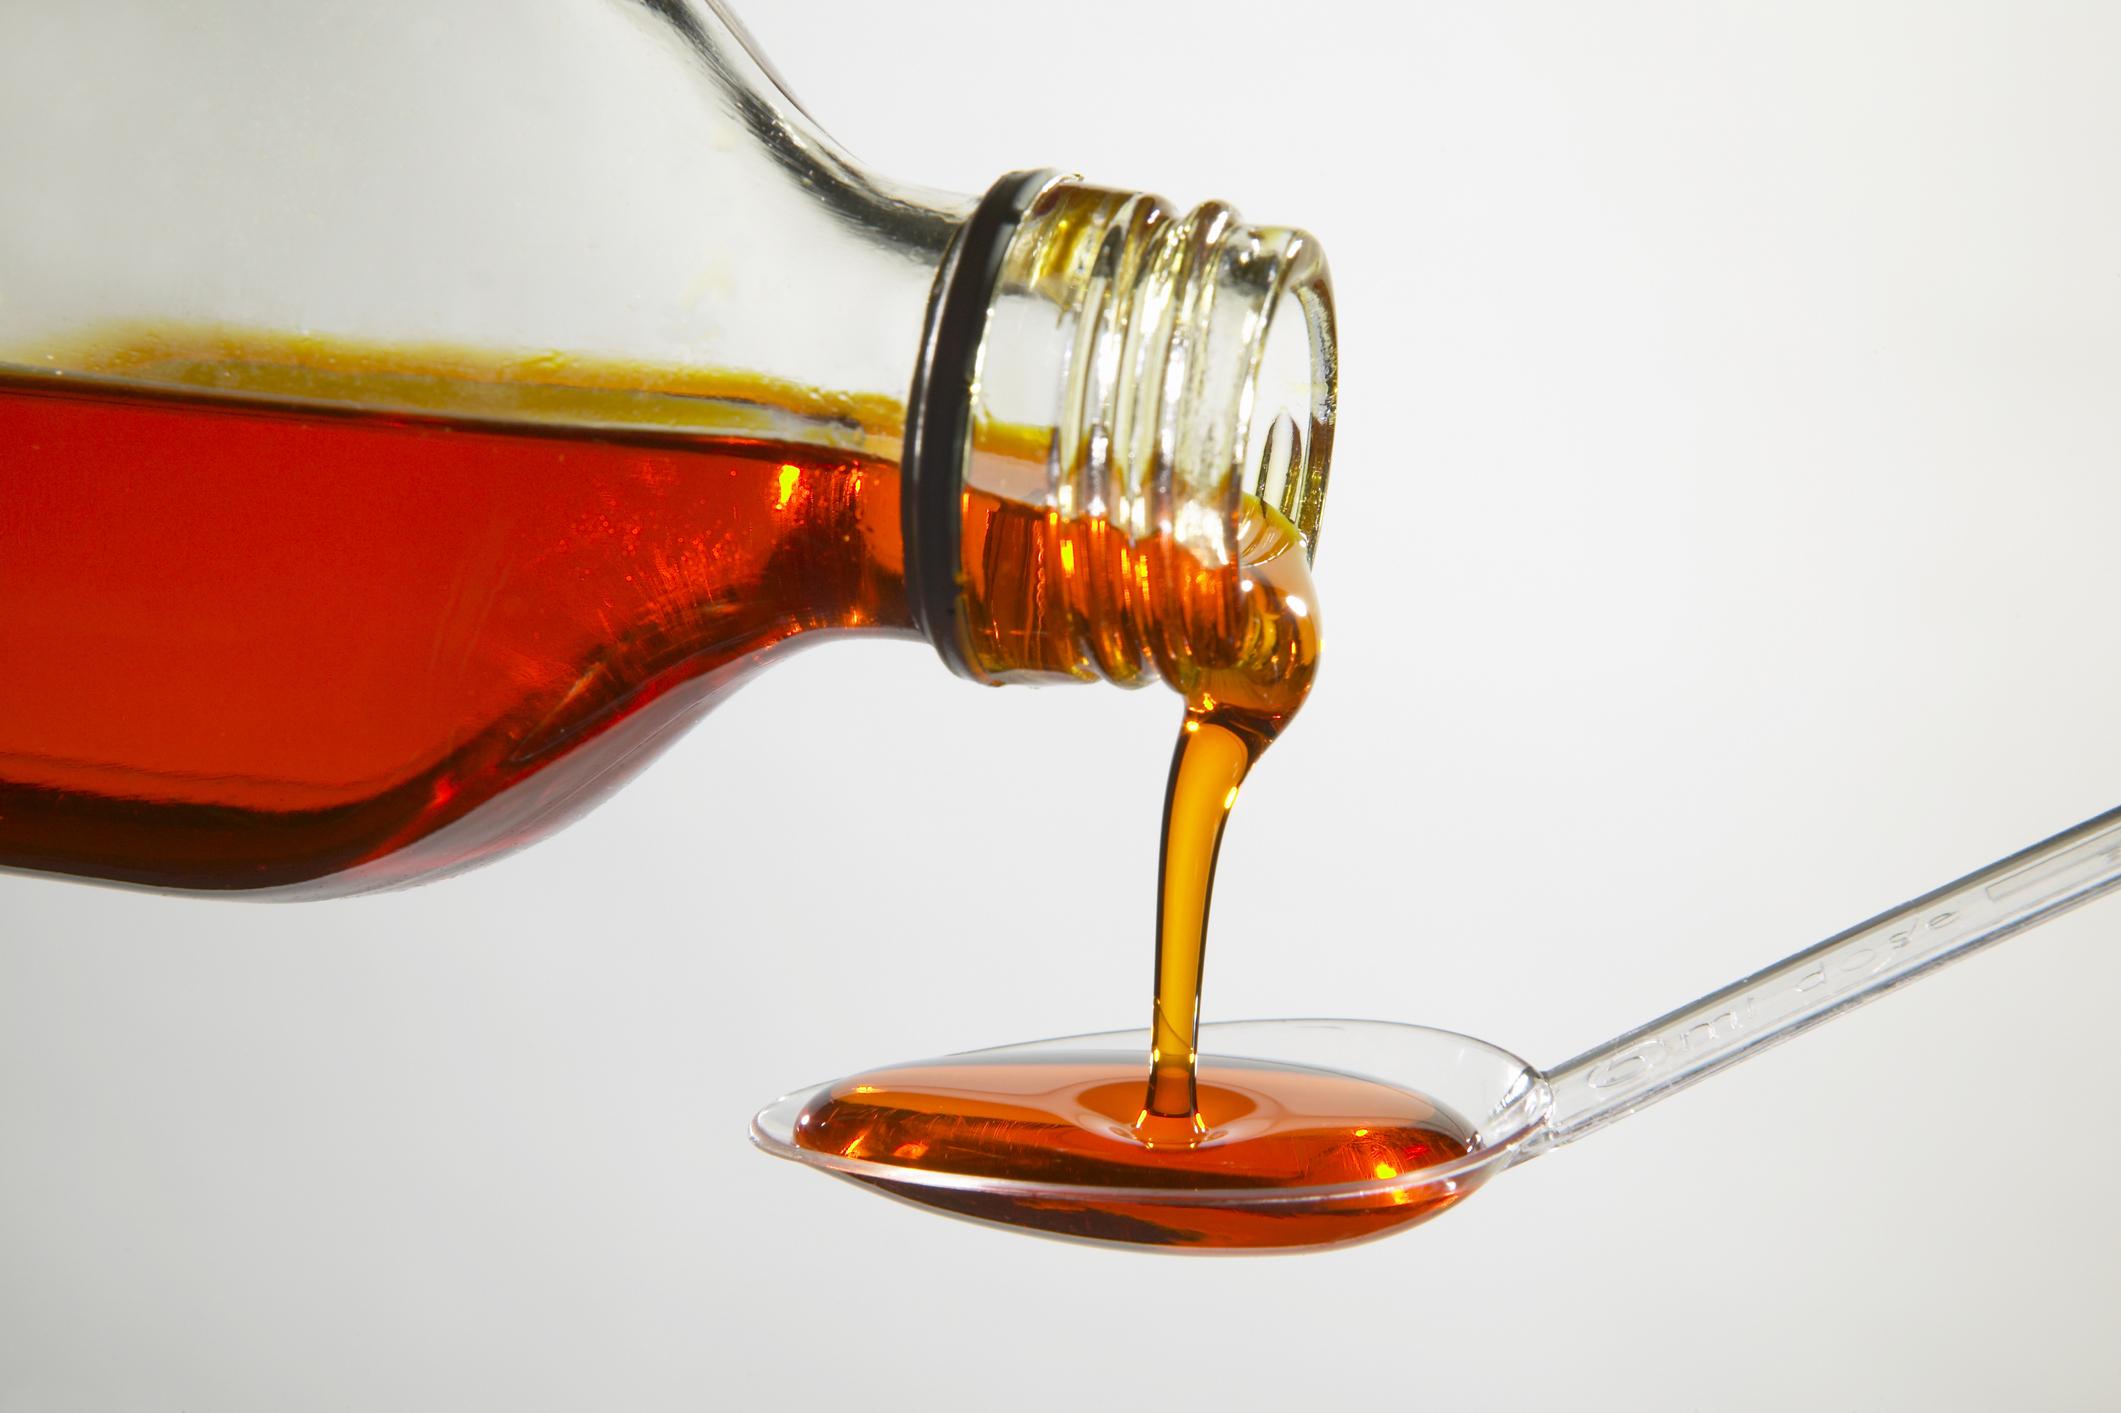 méh kezelés magas vérnyomás ellen az osteochondrosis okozta magas vérnyomás